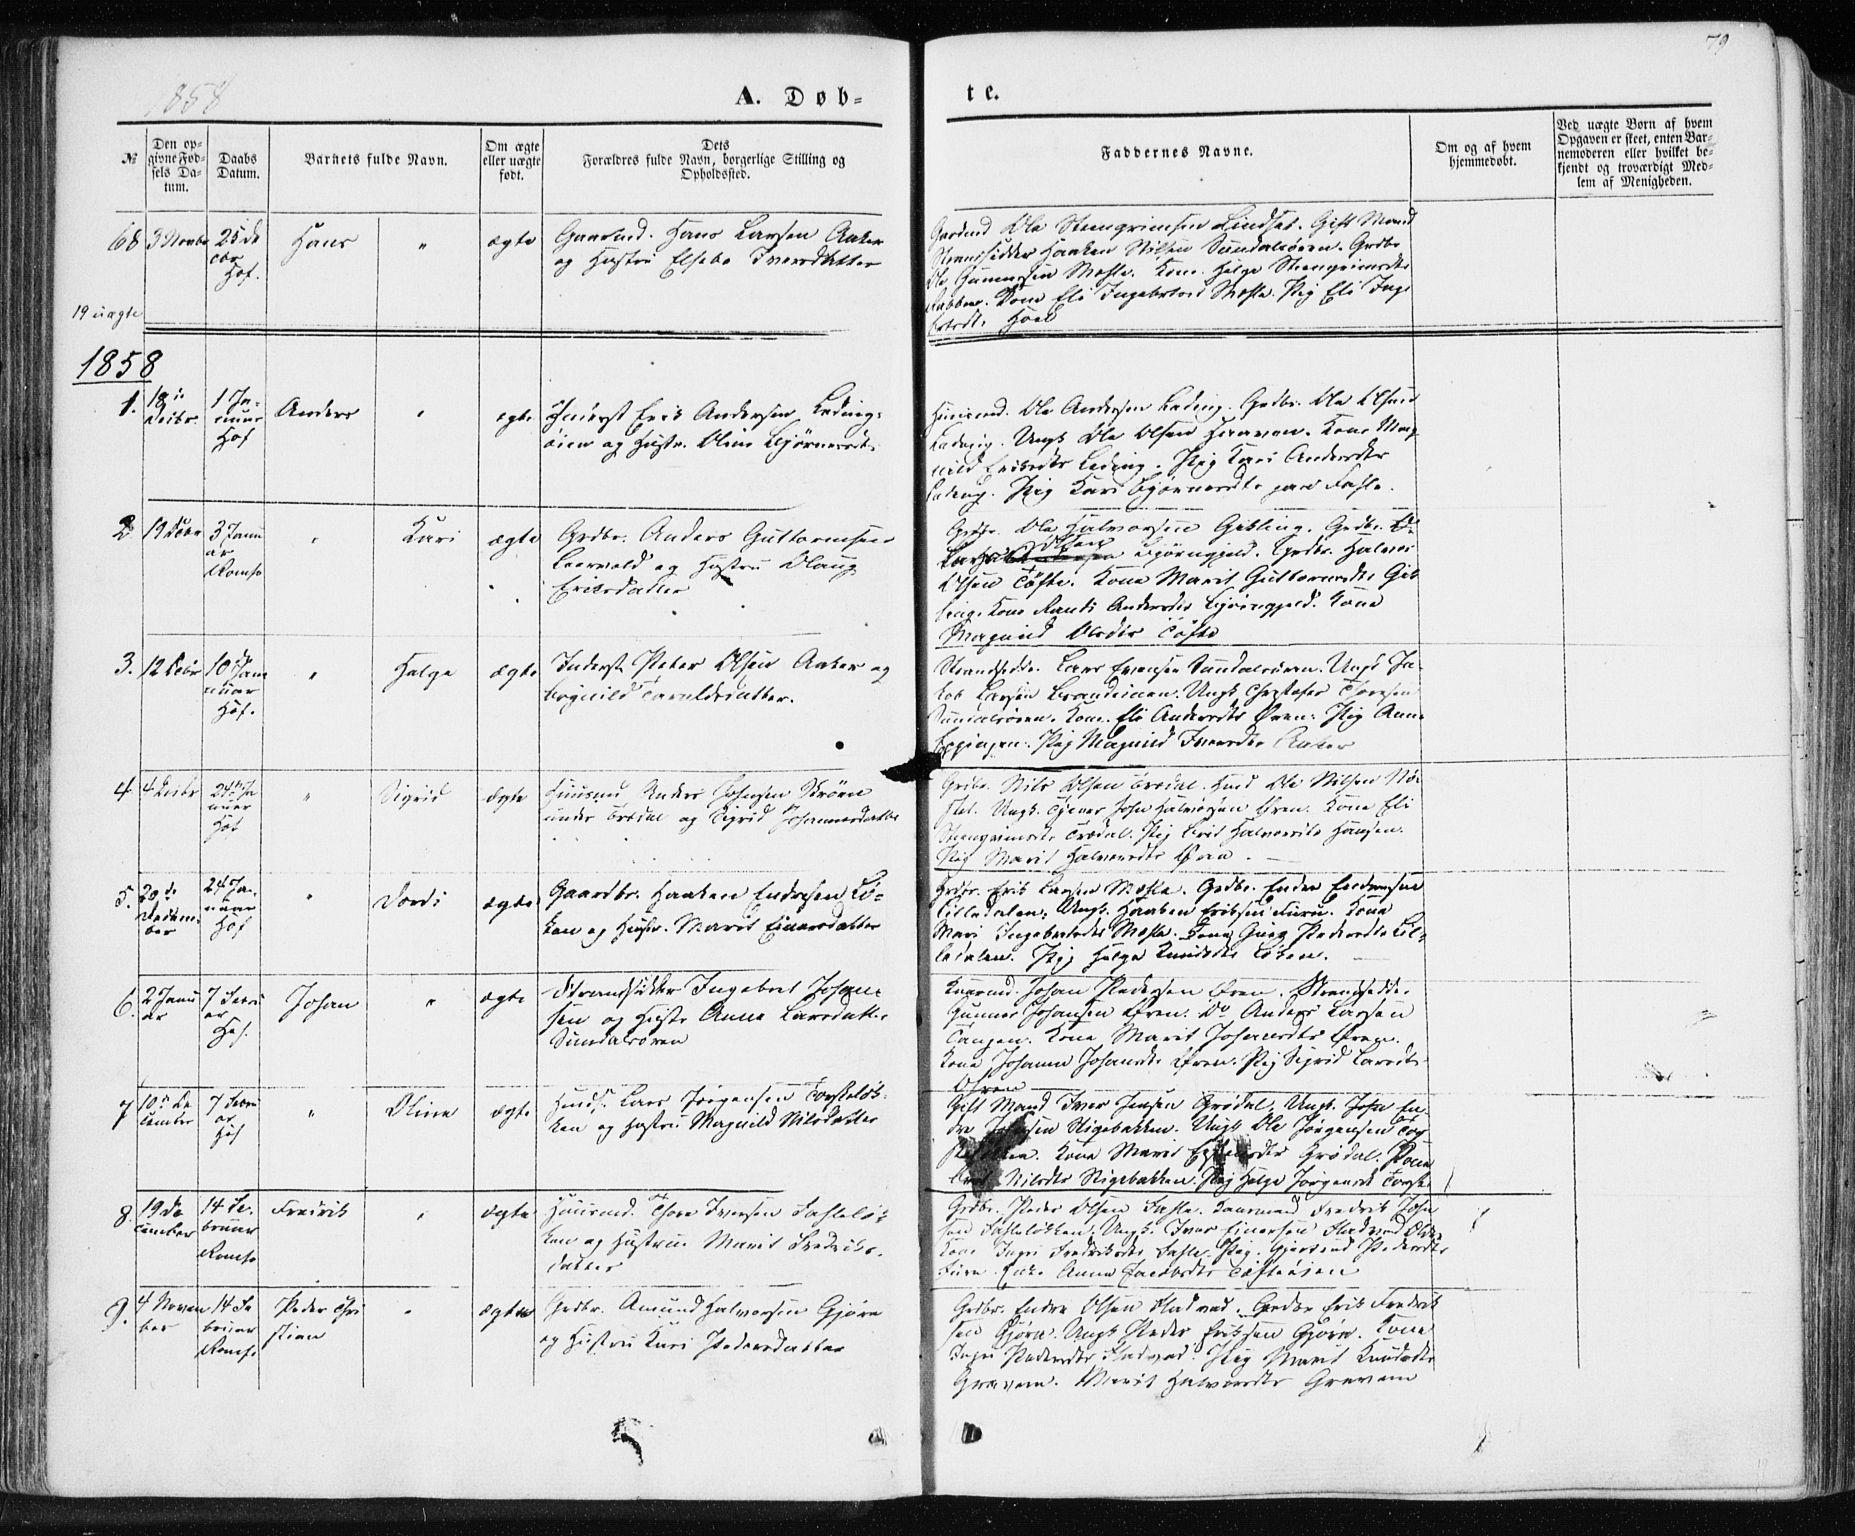 SAT, Ministerialprotokoller, klokkerbøker og fødselsregistre - Møre og Romsdal, 590/L1013: Ministerialbok nr. 590A05, 1847-1877, s. 79